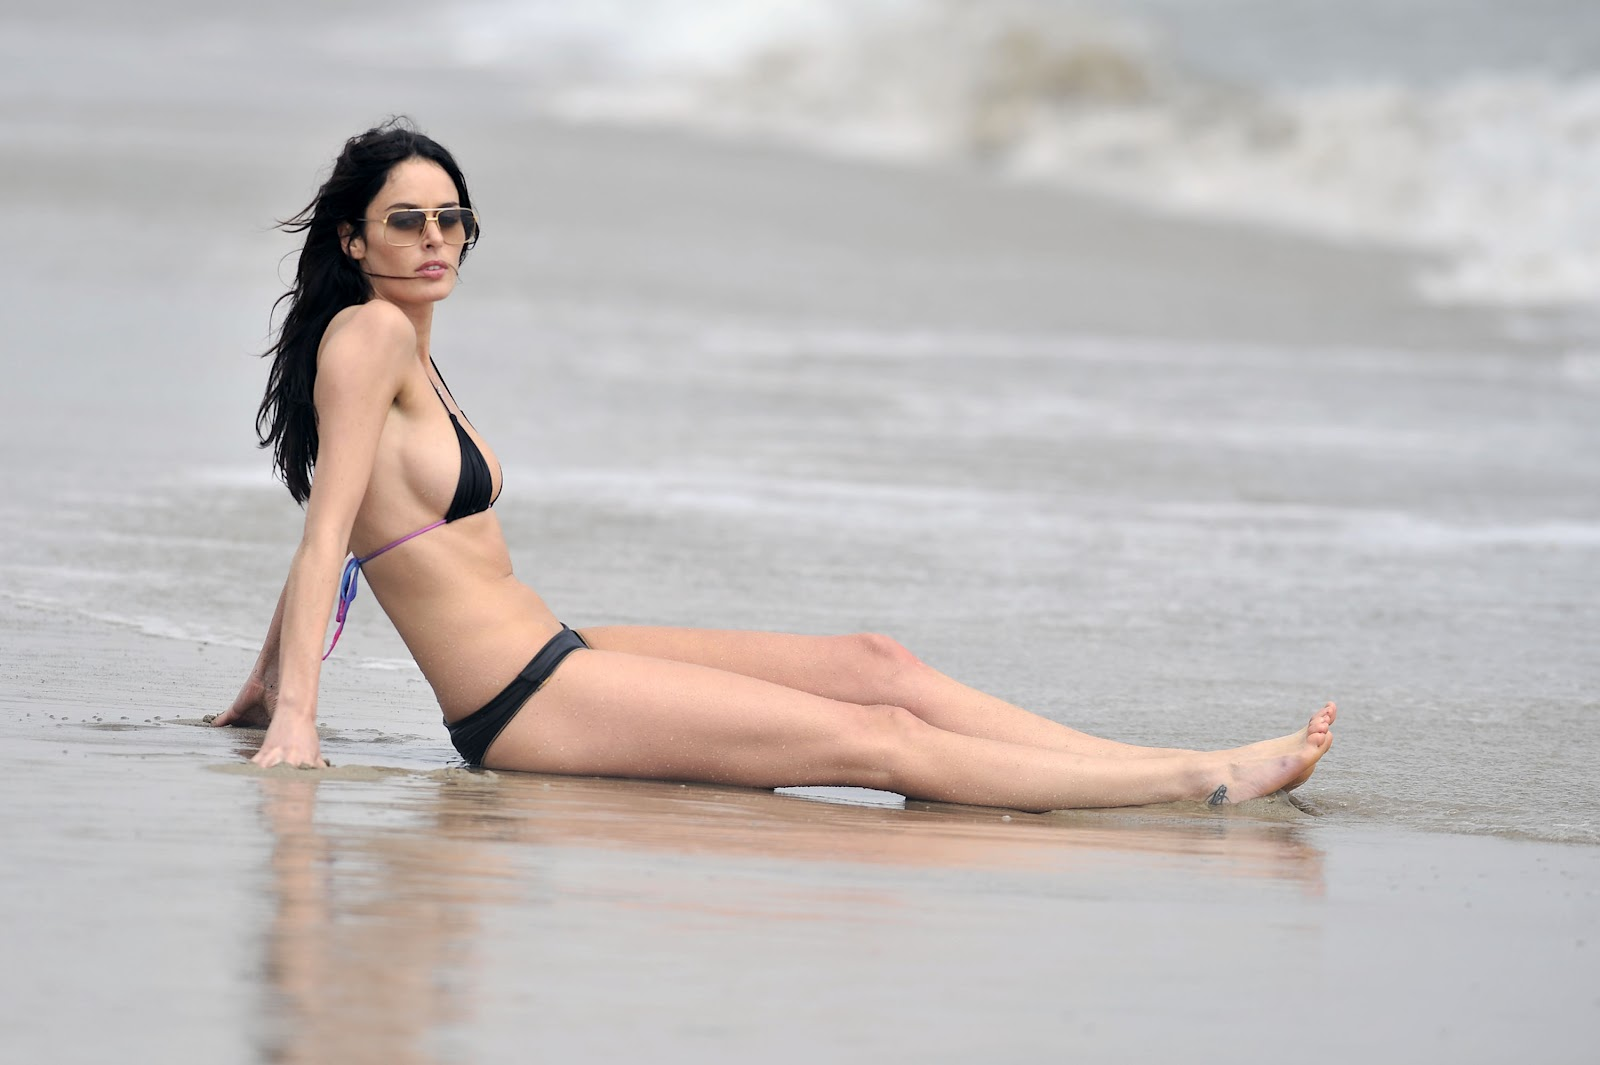 nicole de boer bikini nude